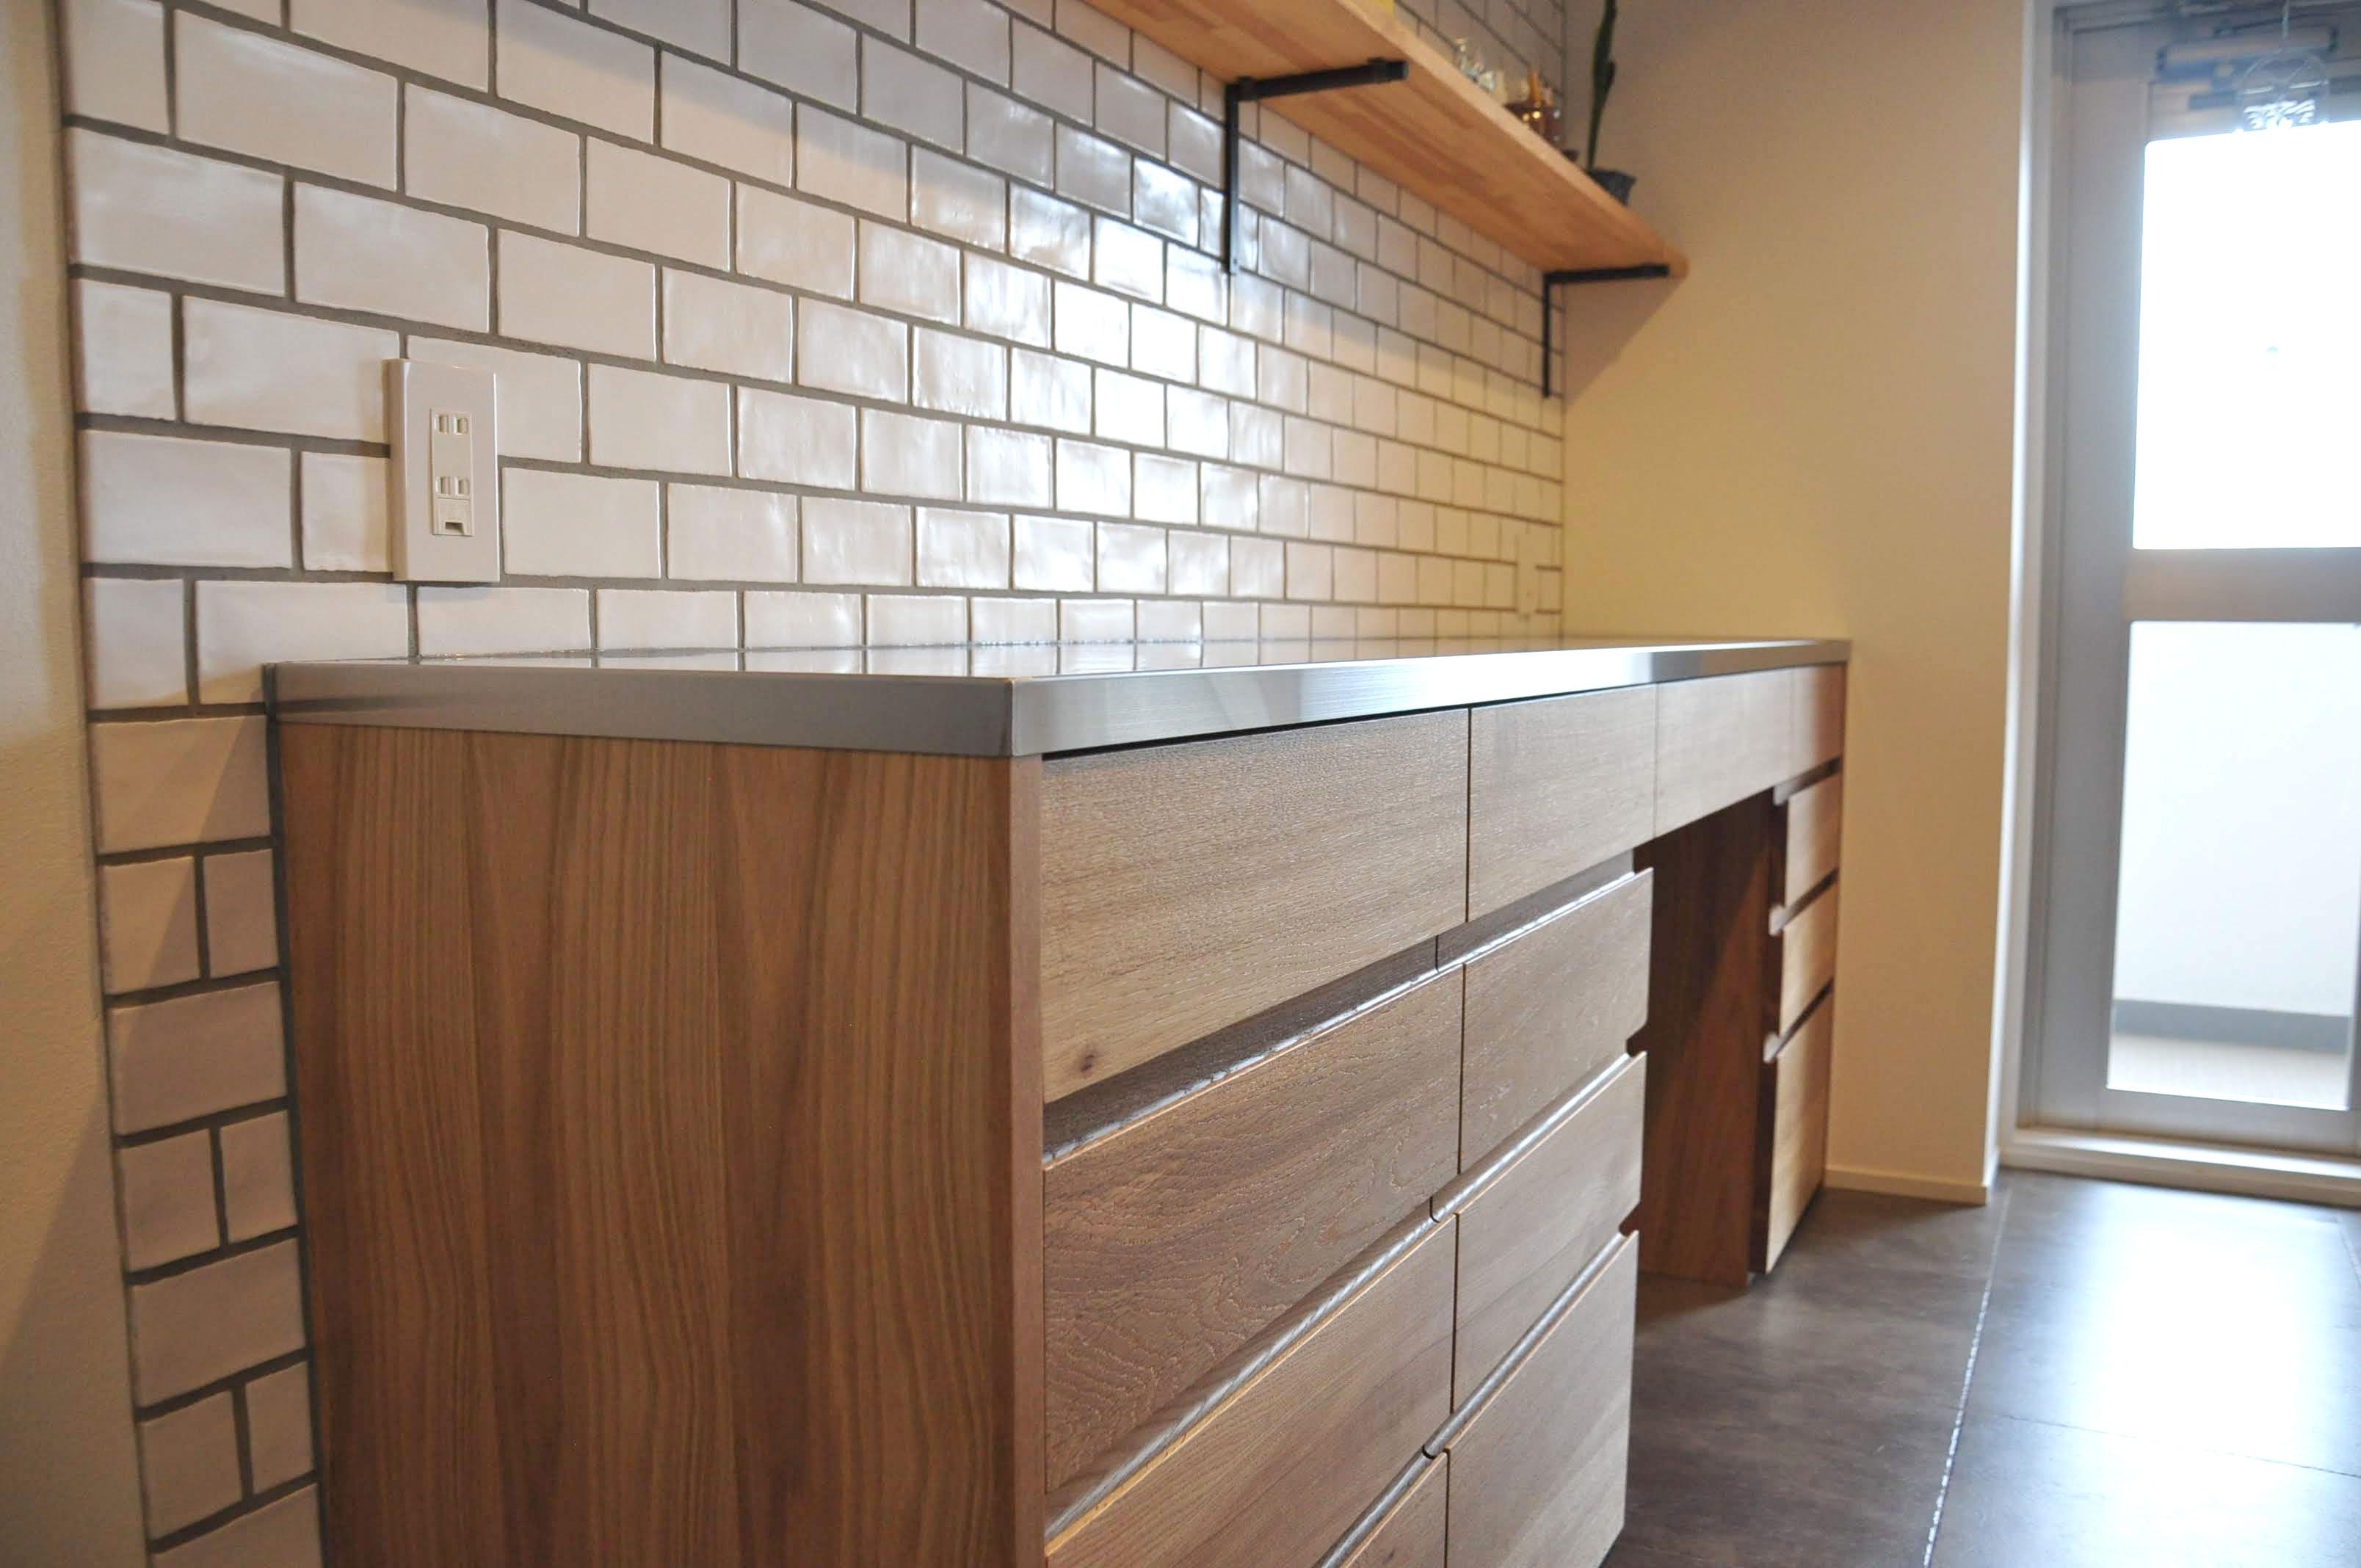 キッチンカウンターをおしゃれに壁と床のタイルで楽しむ 5060イメージ-2